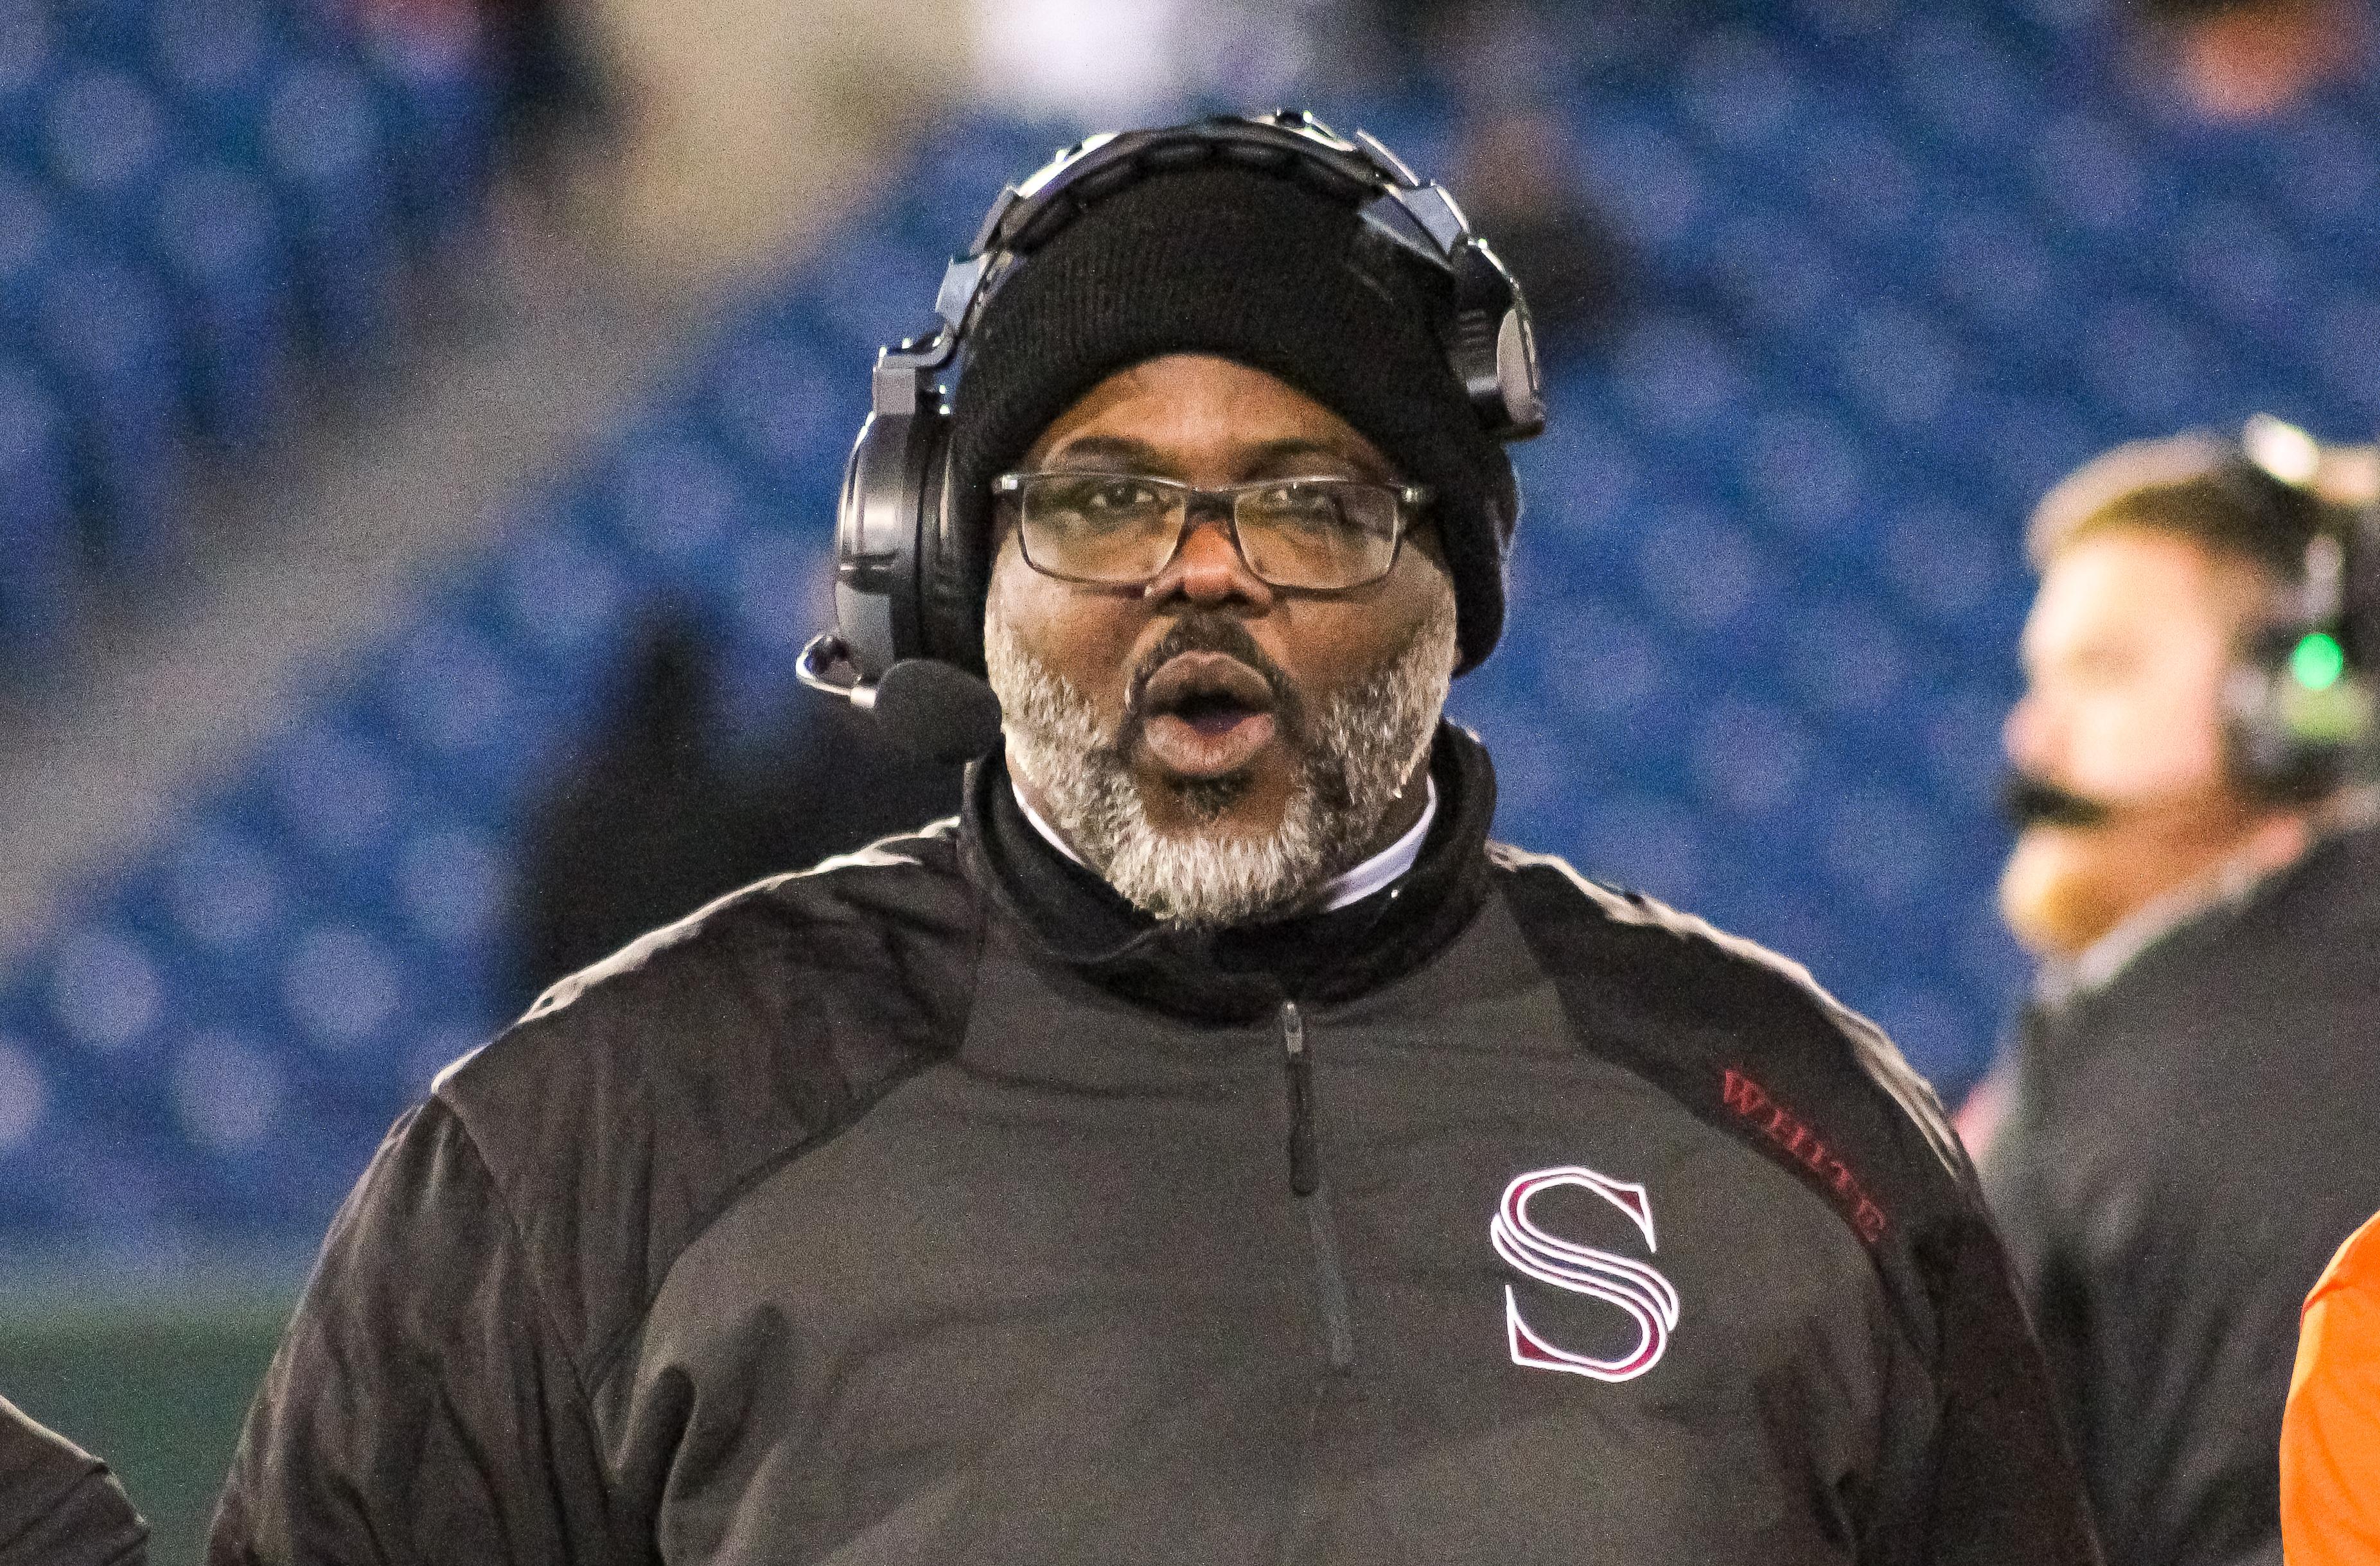 Sparkman head coach Laron White